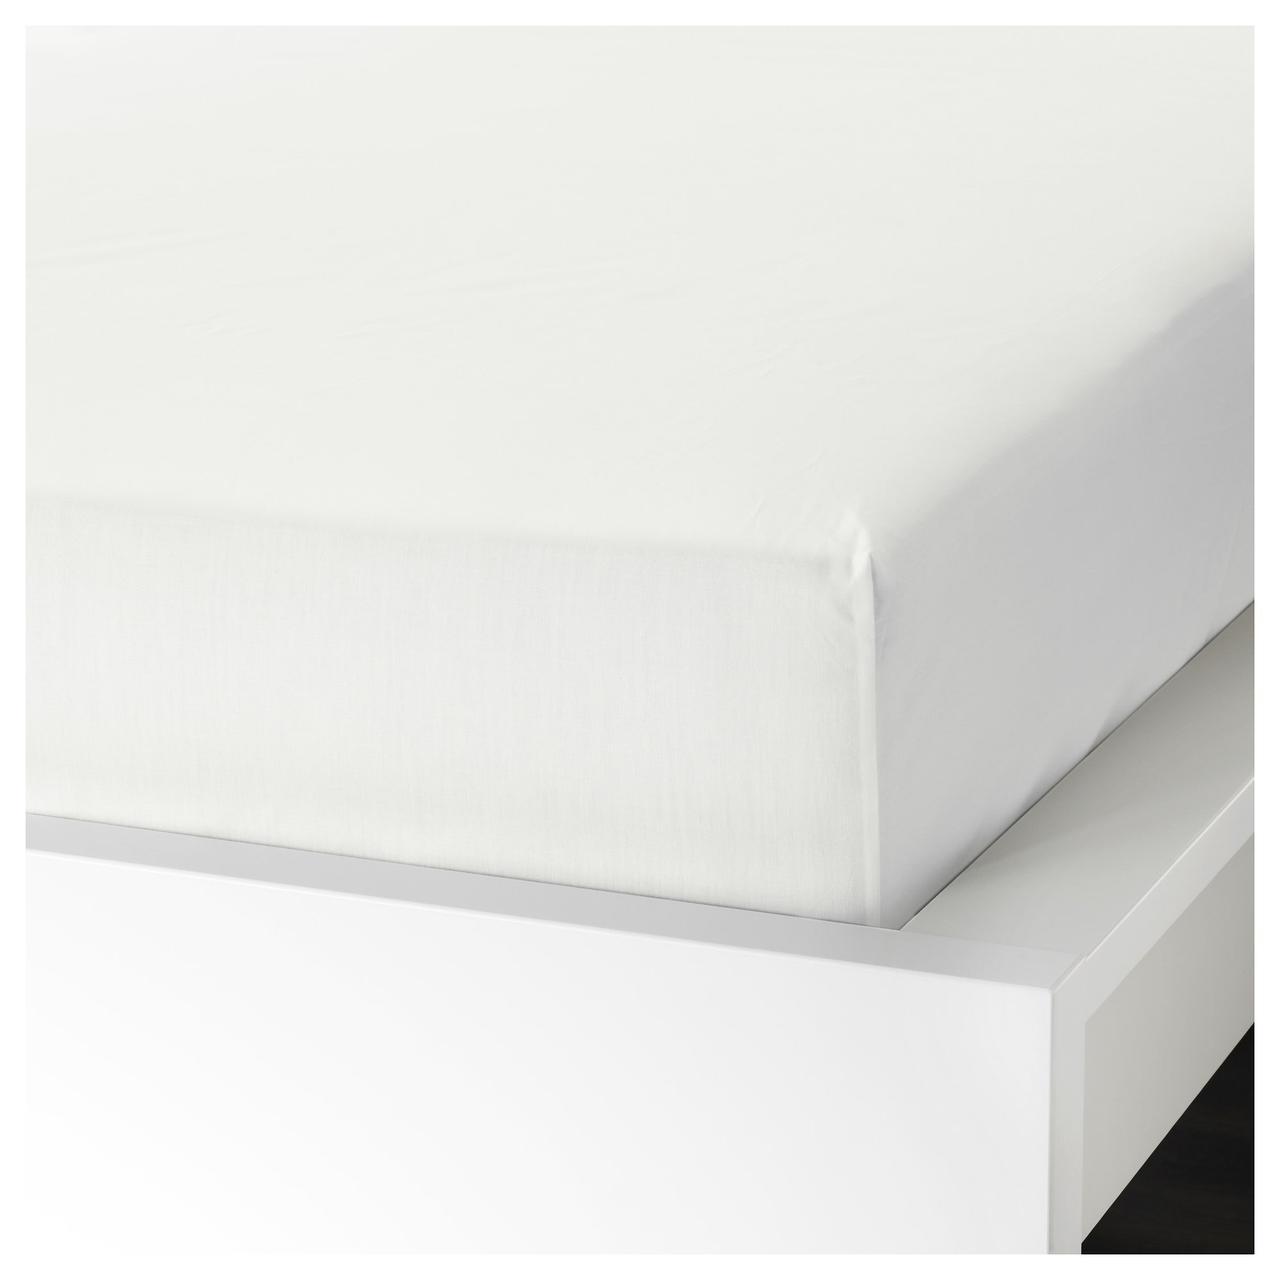 Простыня на резинке IKEA ULLVIDE 160х200 см белая 203.427.24